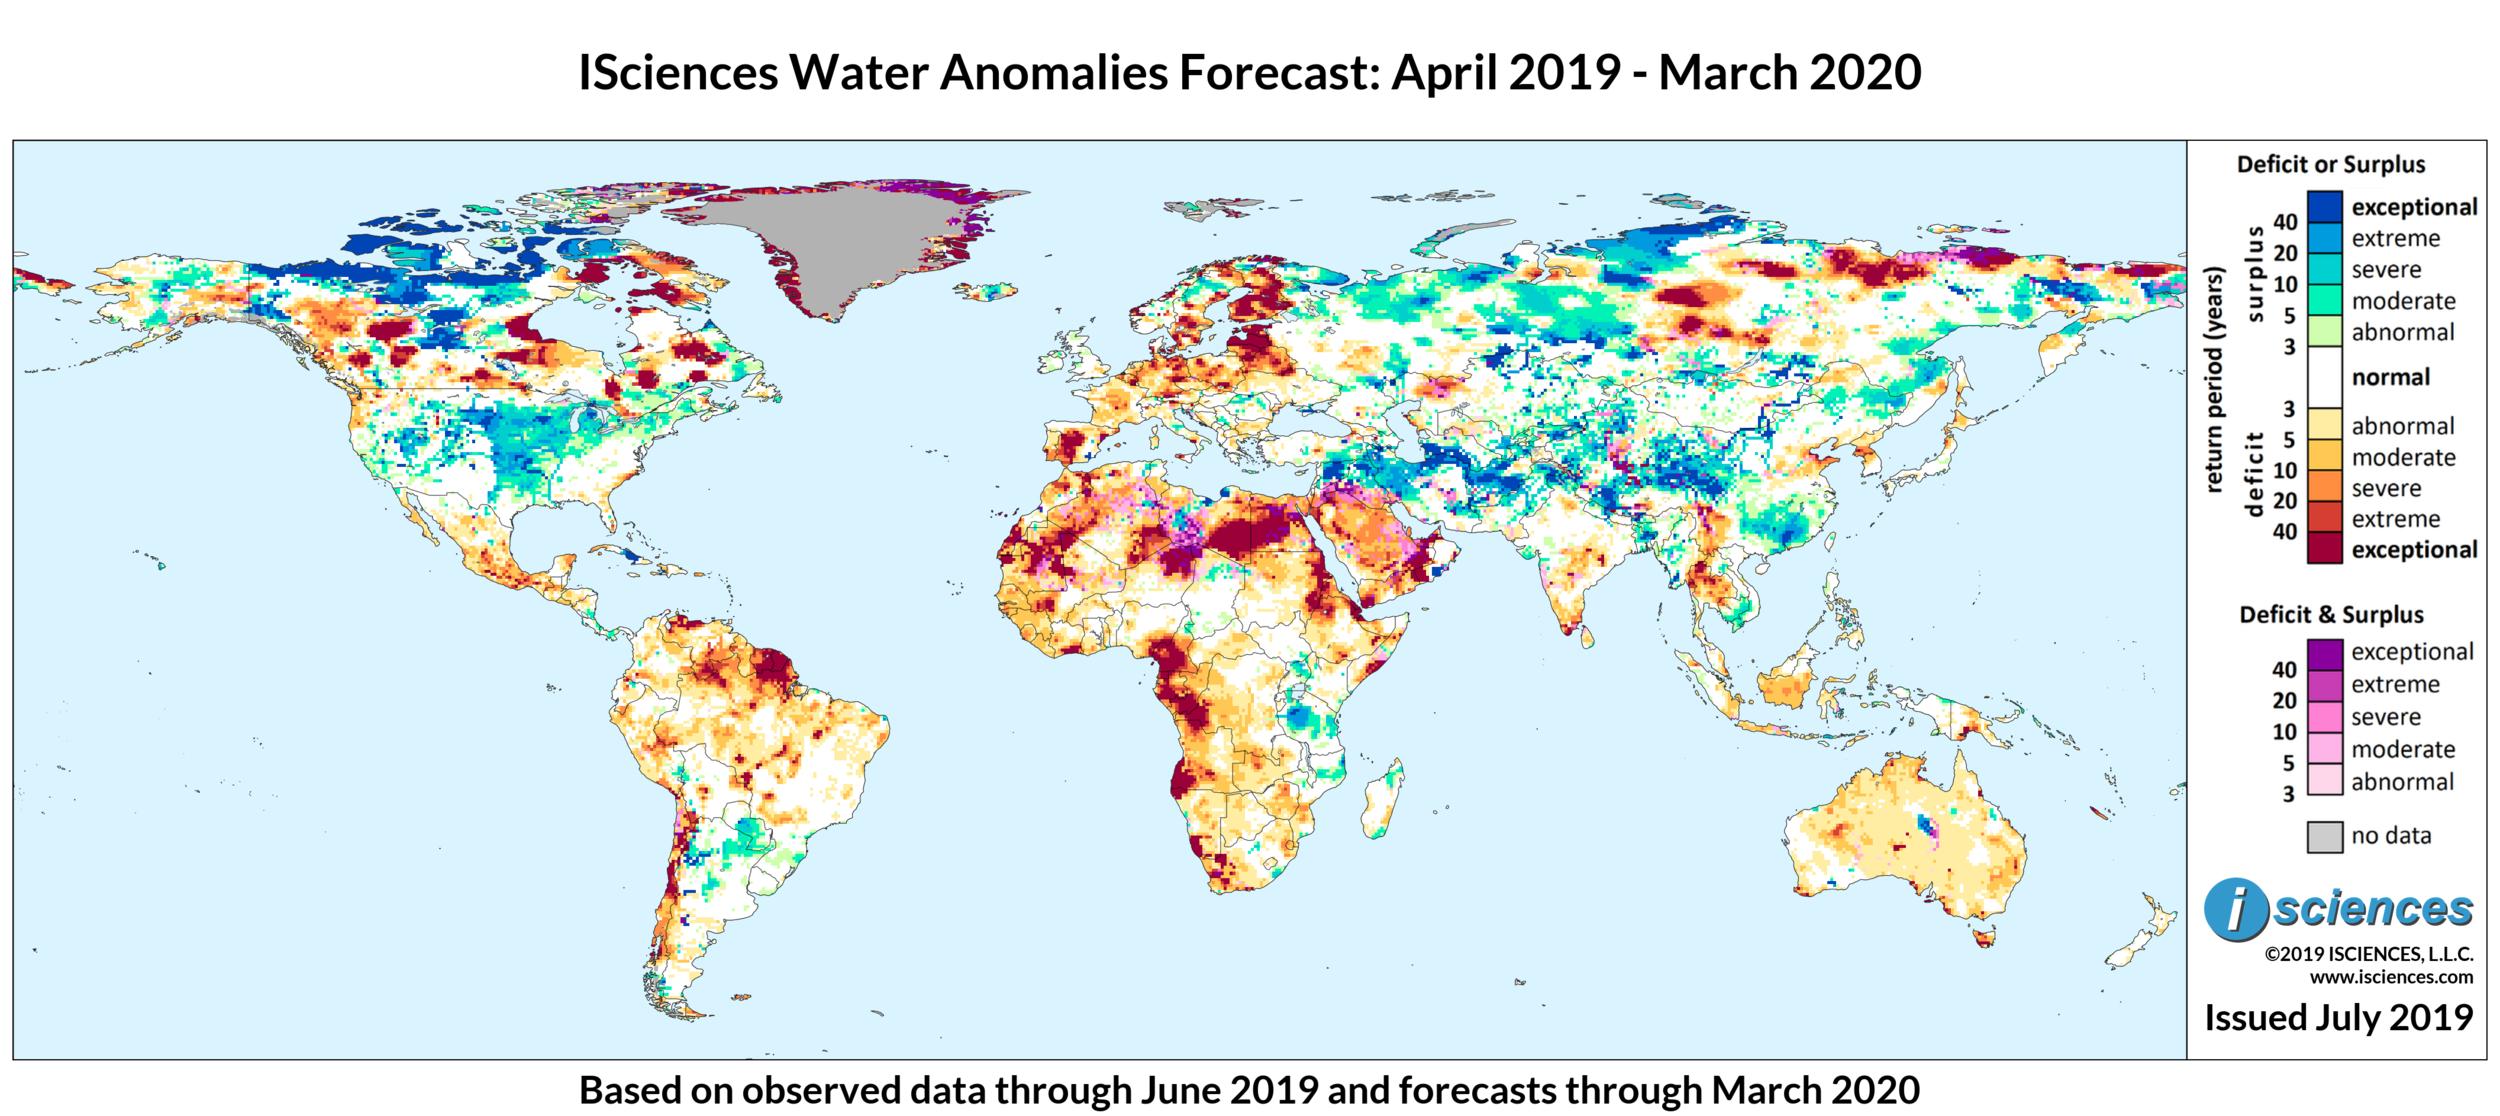 ISciences_Worldwide_Water_Watch_List_2019_July